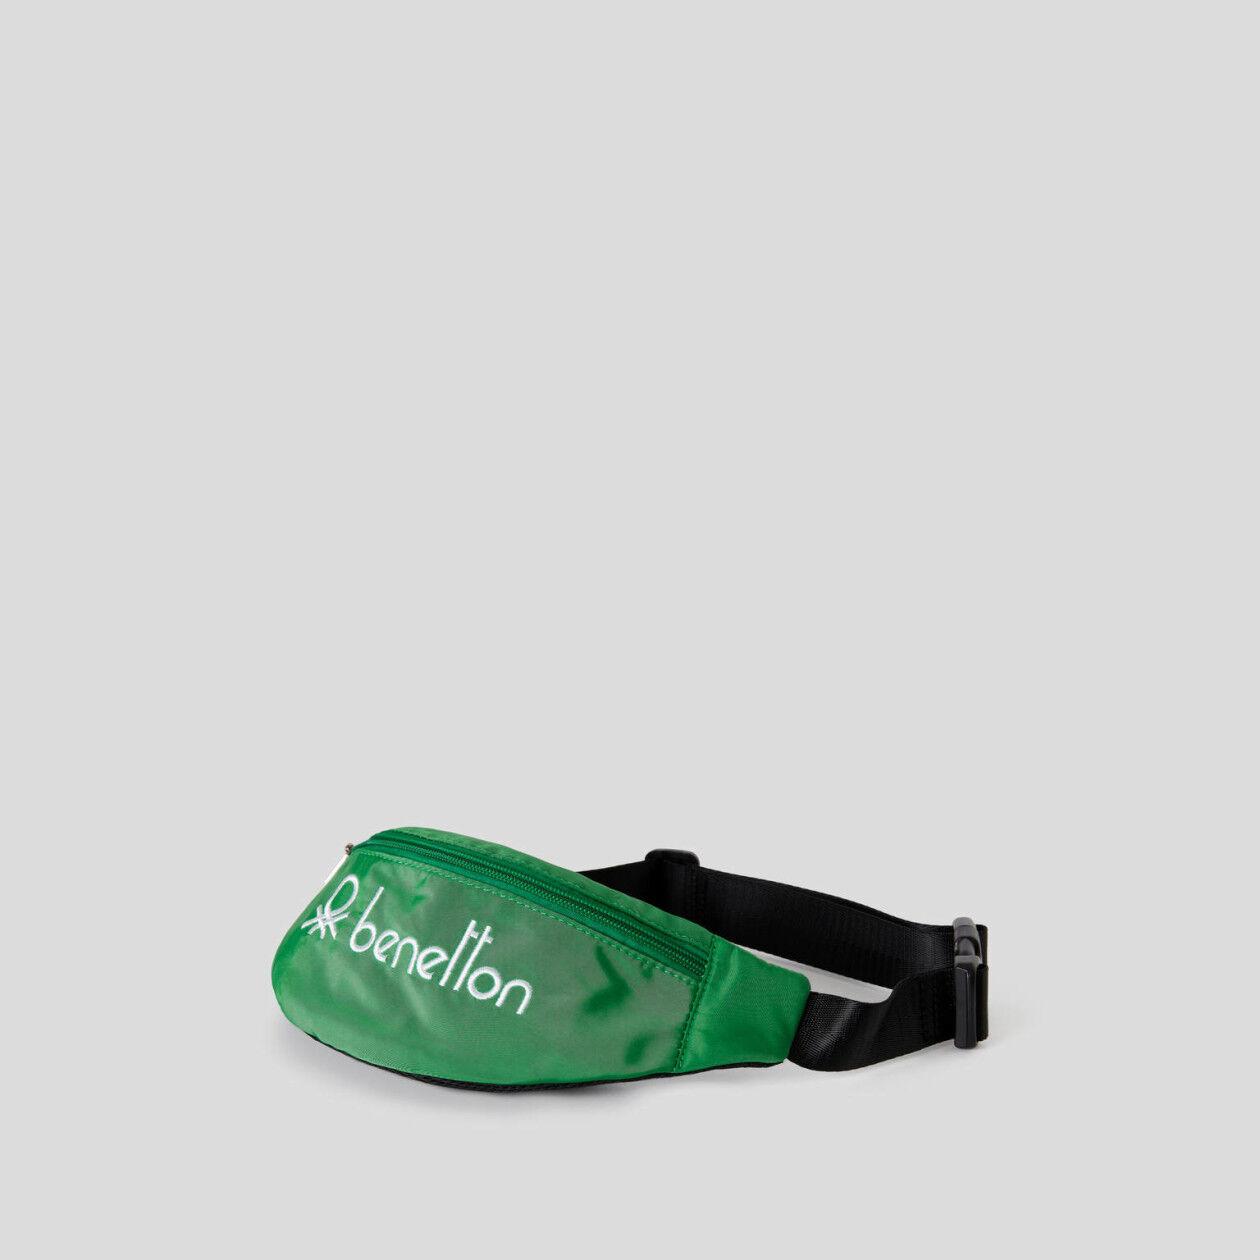 Τσάντα μέσης με λογότυπο